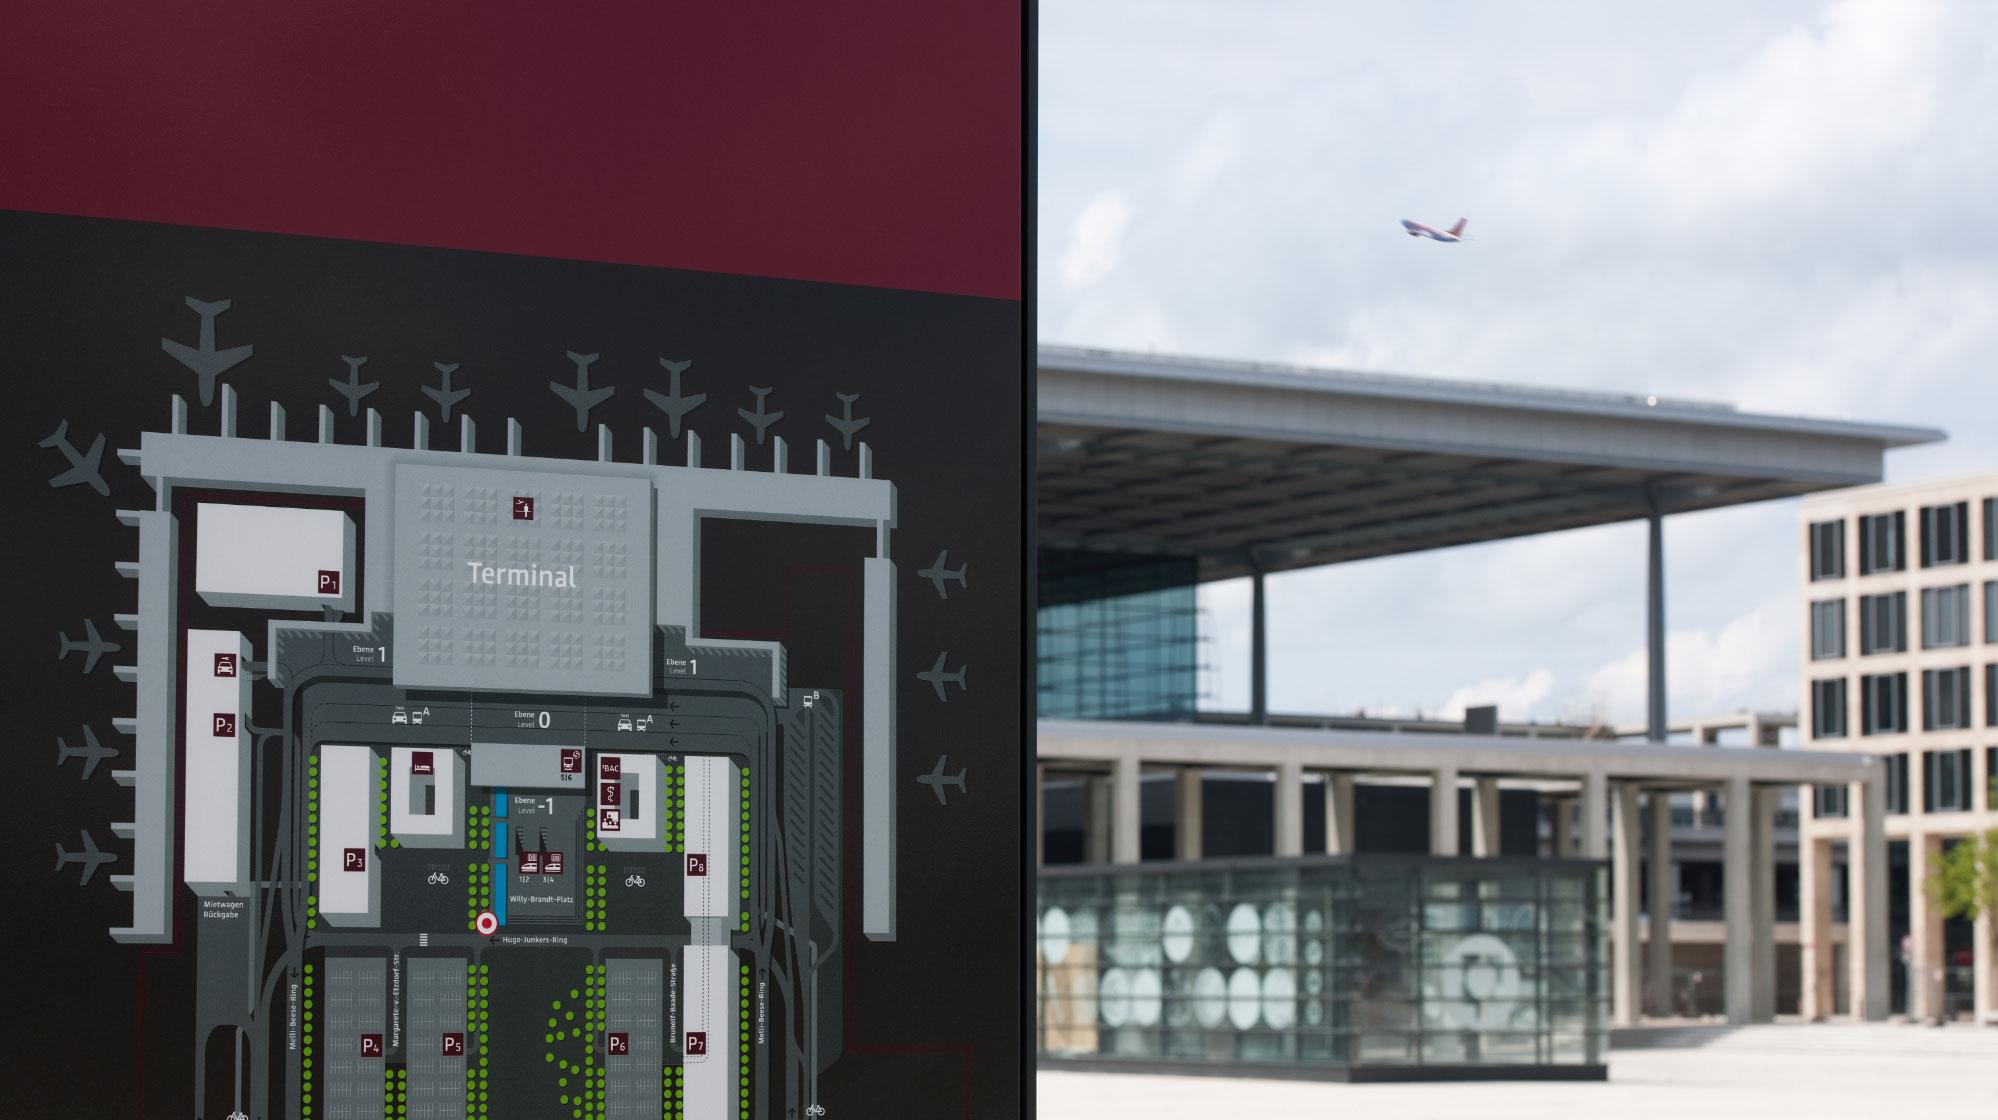 Flughafen BER Berin terraplan – Strategie & Sicherheit